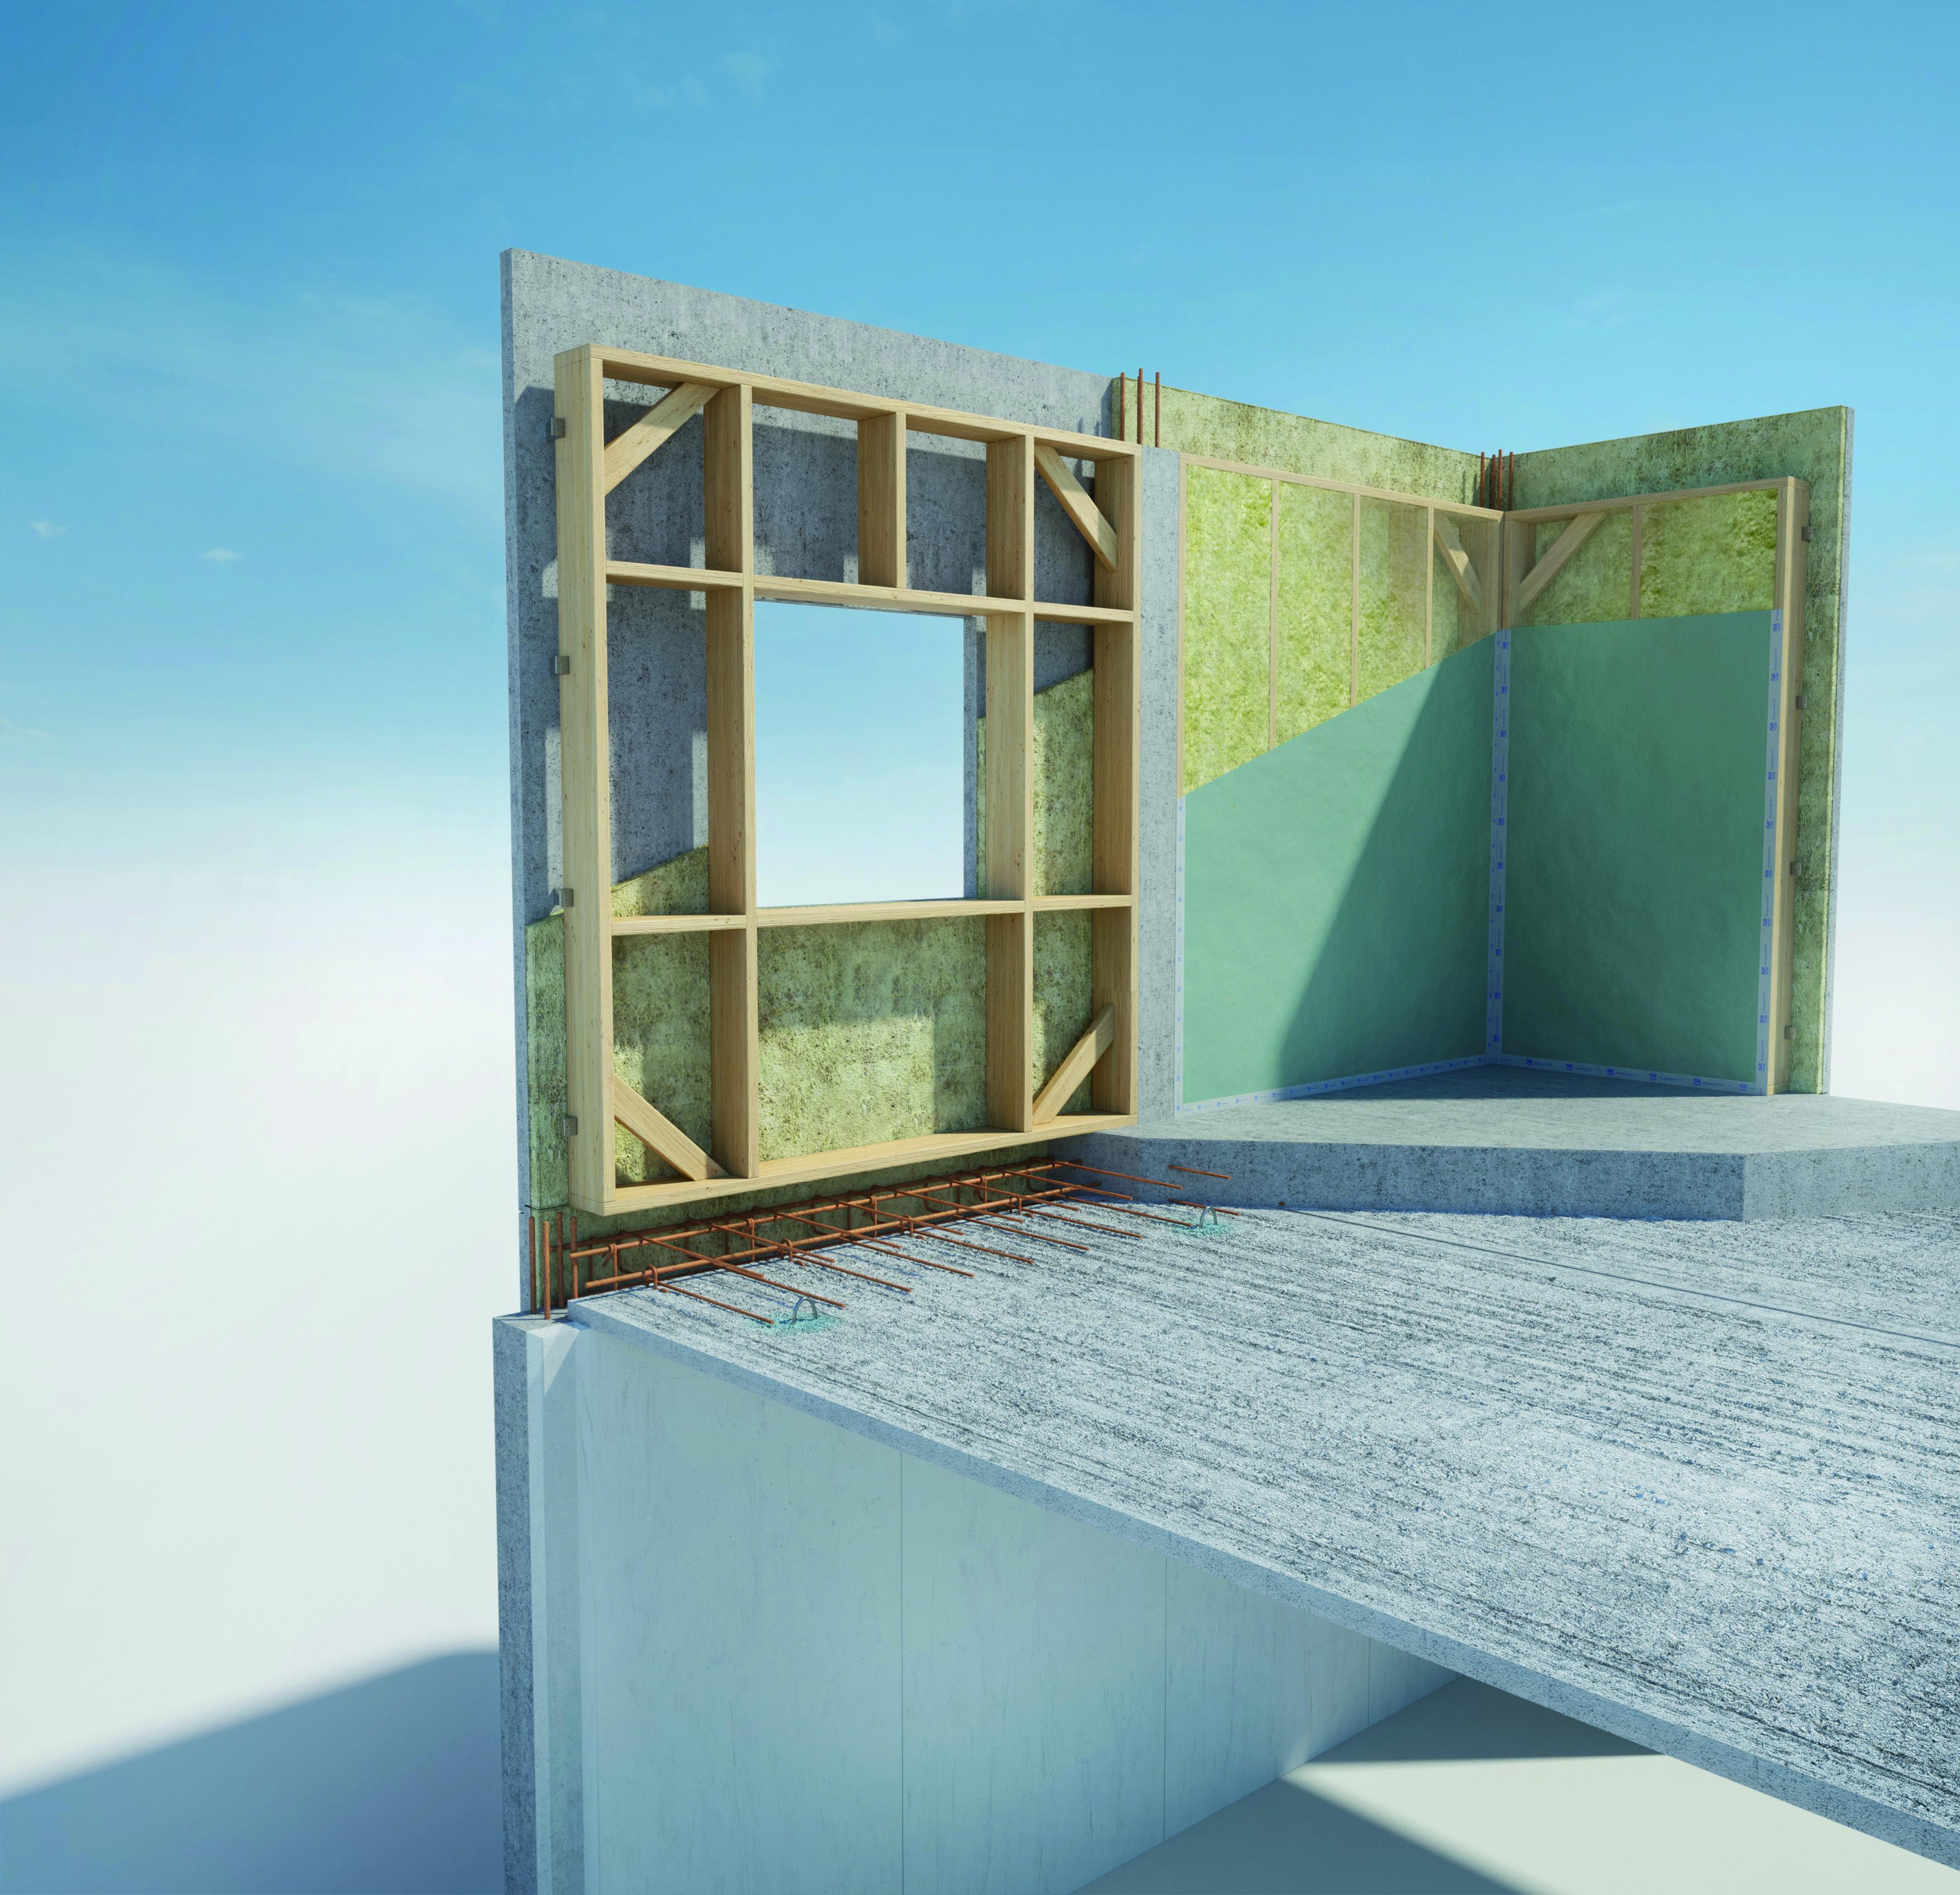 système constructif isolé à structure bois et parement béton